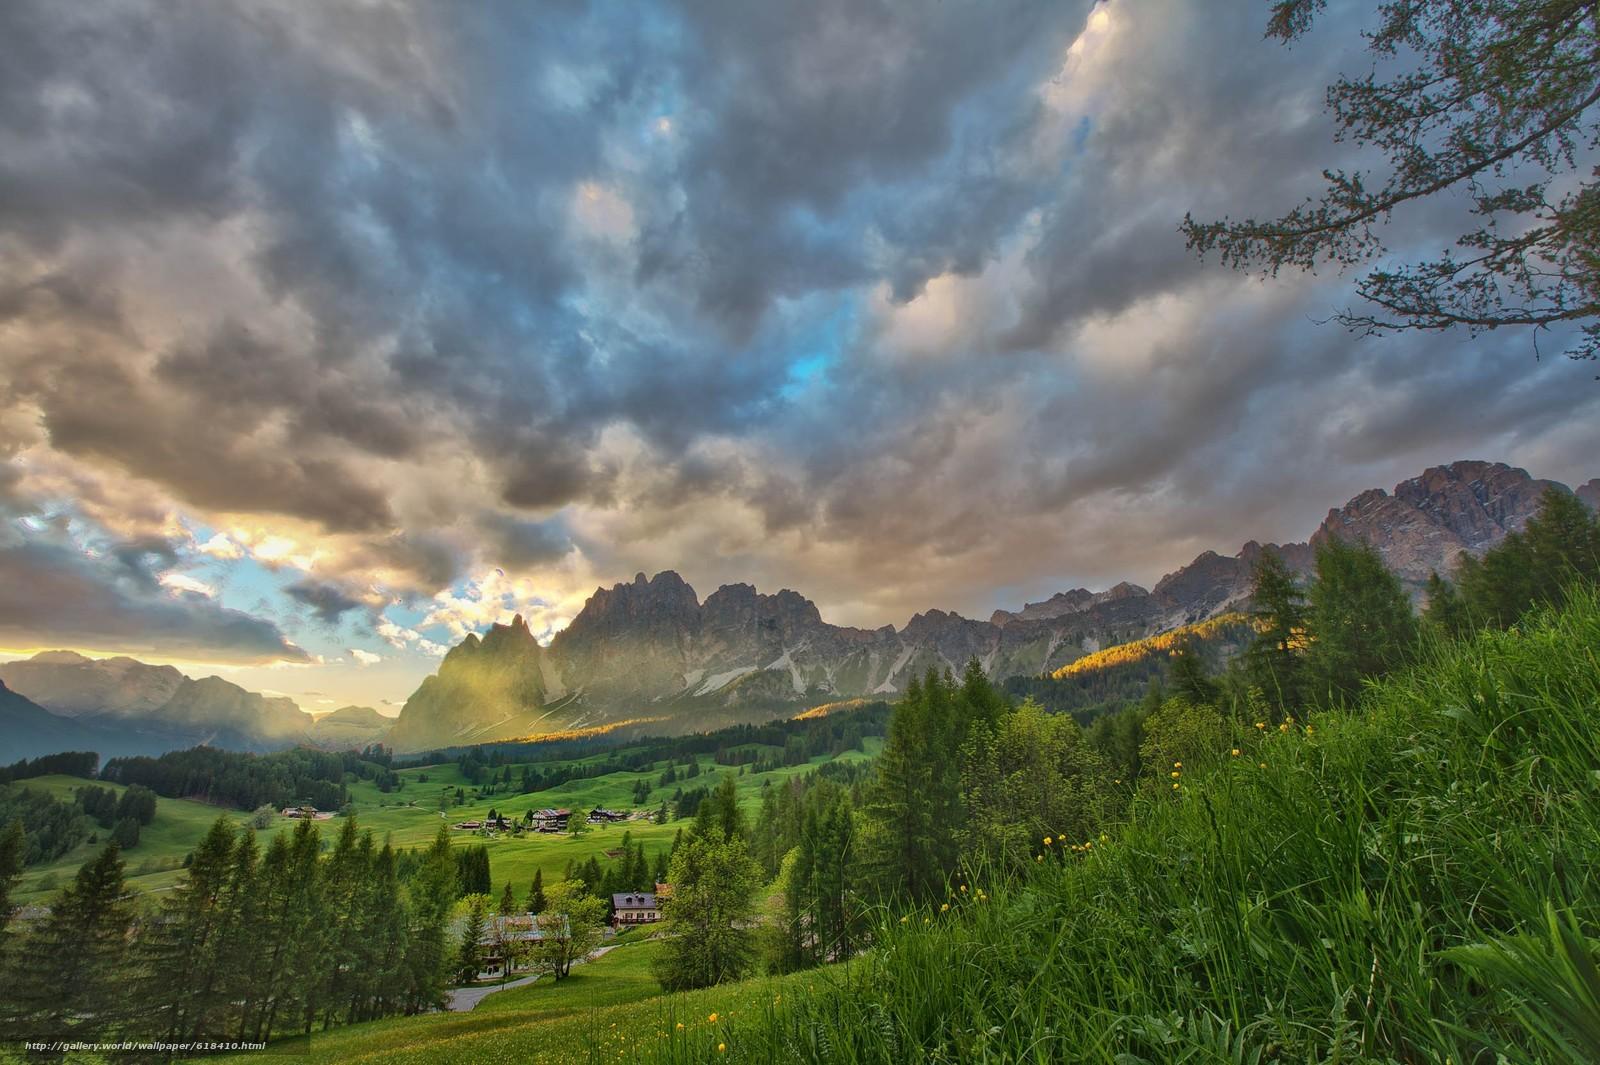 Скачать обои Dolomites,  Italy,  закат,  горы бесплатно для рабочего стола в разрешении 2500x1664 — картинка №618410